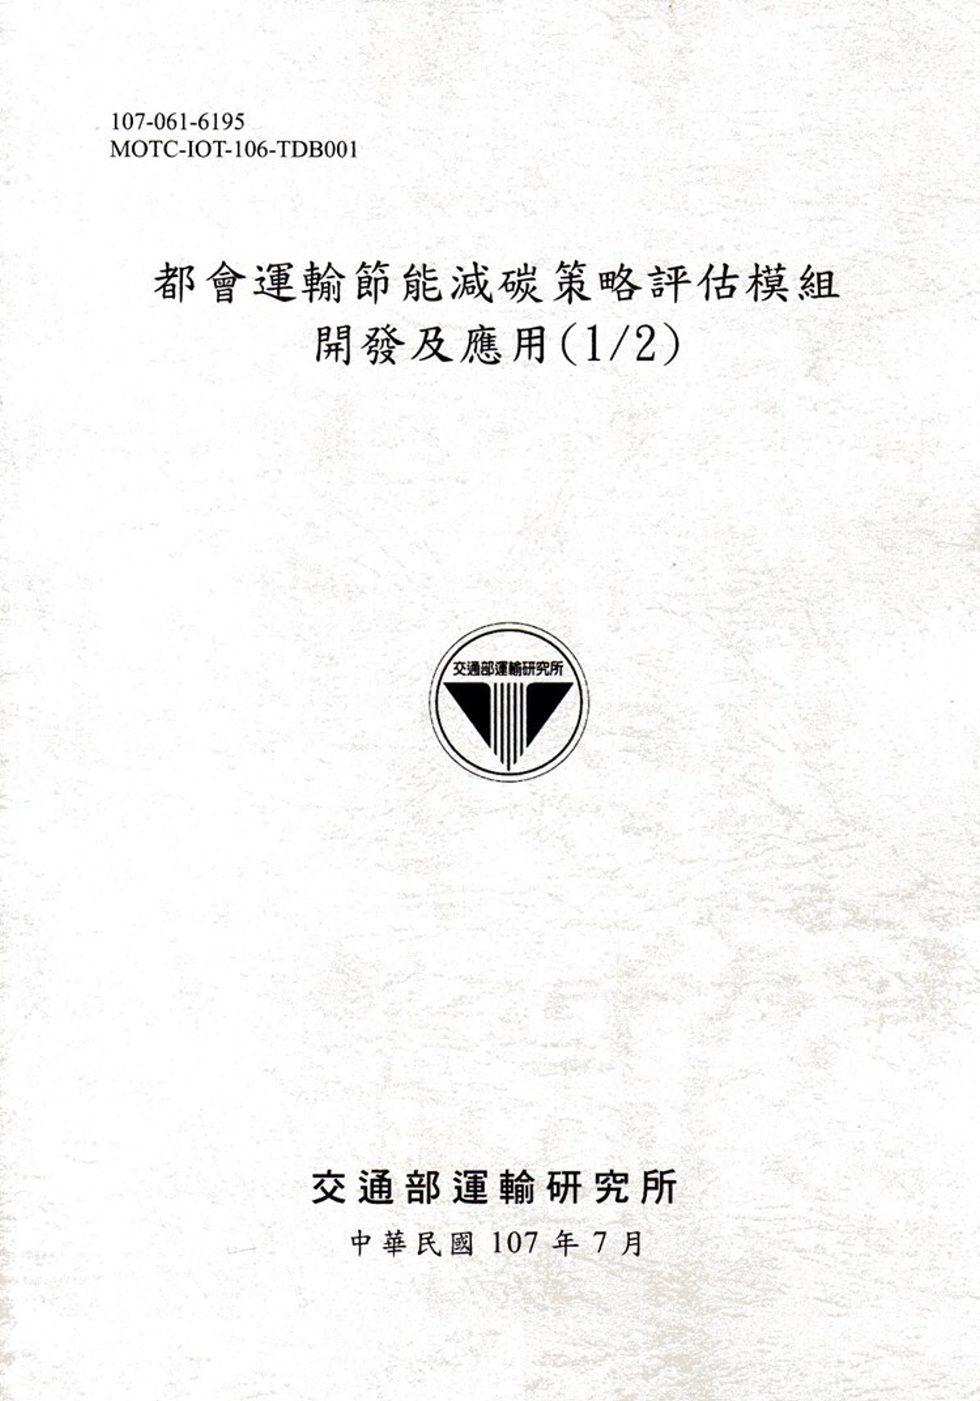 都會運輸節能減碳策略評估模組開發及應用(1/2)[107灰]